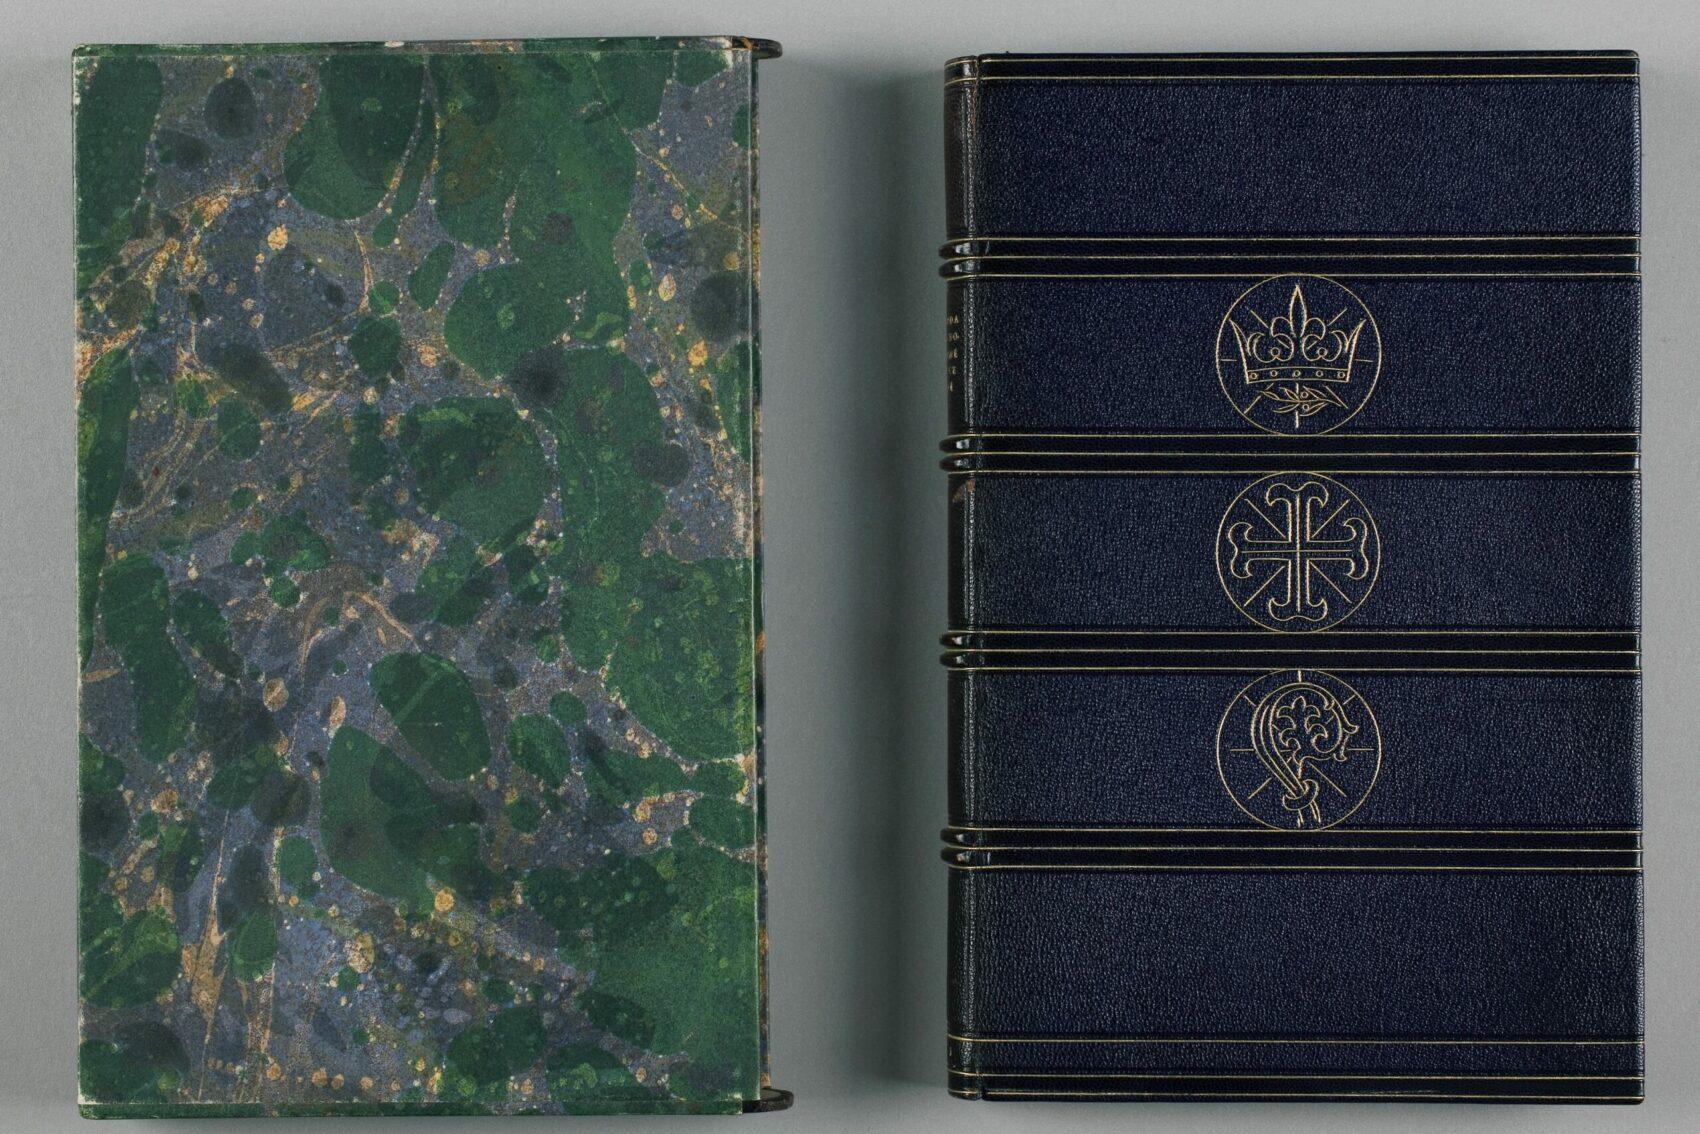 Dvě vzácné knižní vazby, jedna zelena mramorovaná, jedna modrá se zlatou ražbou